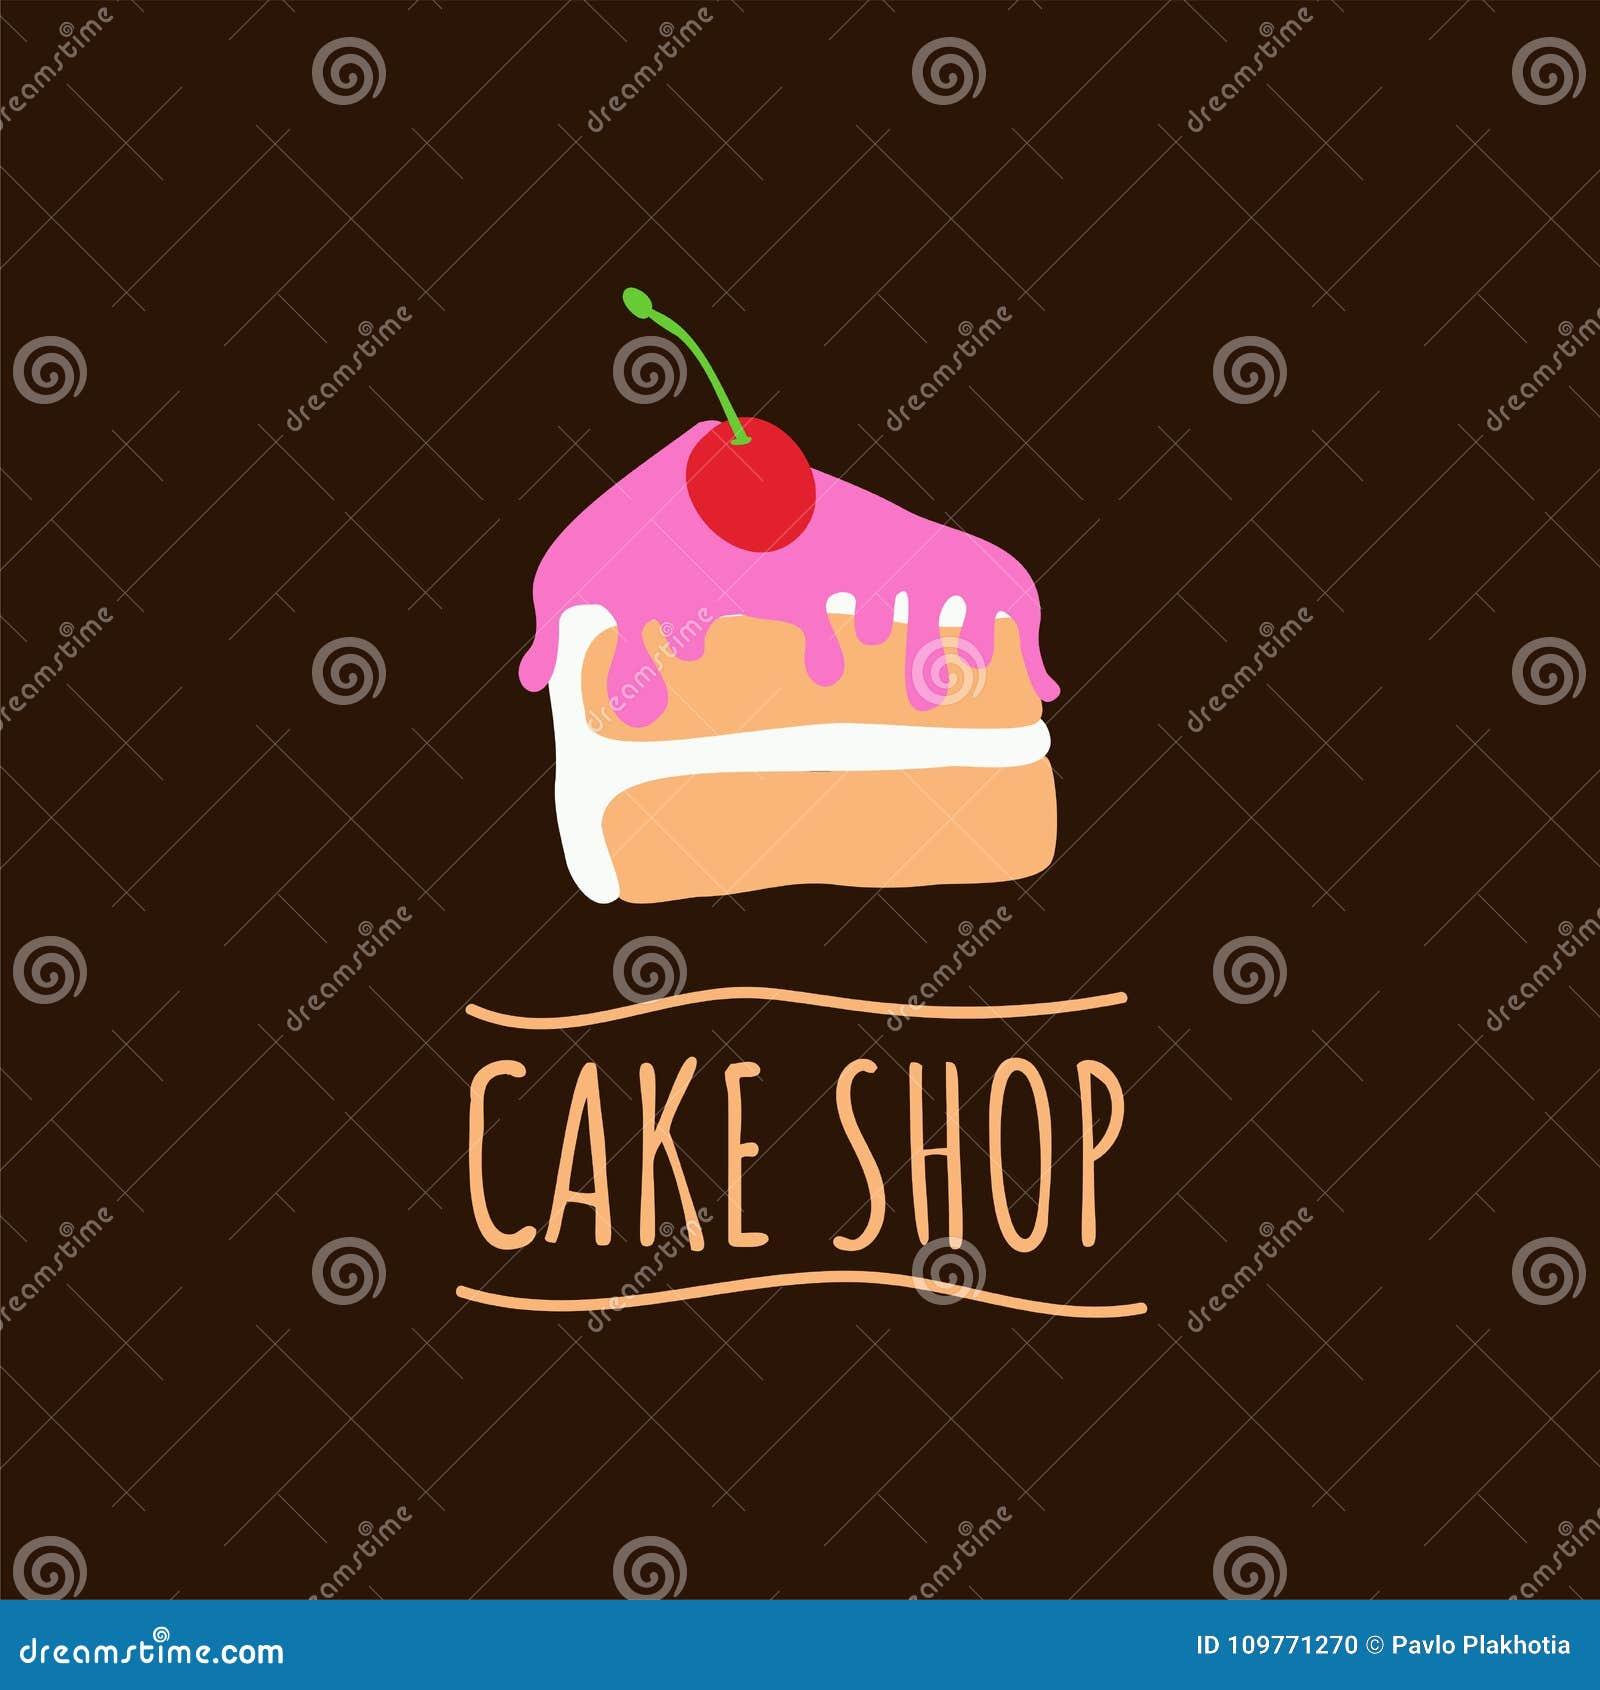 蛋糕商店商标 烘烤和面包店房子象征 点心和酥皮点心咖啡馆标签,传染媒介例证